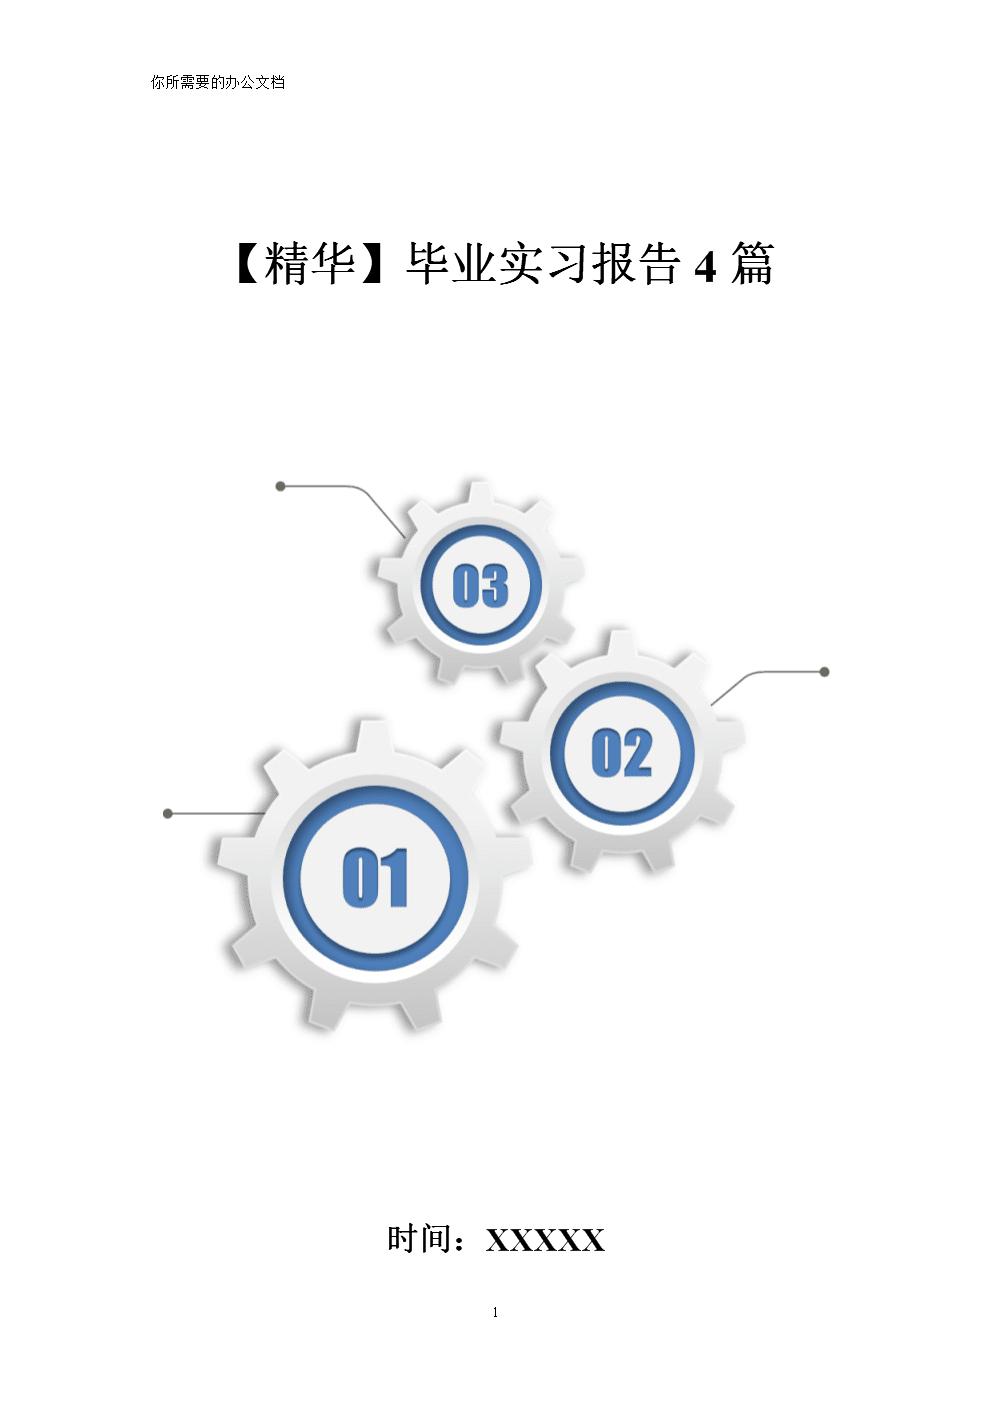 【精华】毕业实习报告4篇精编.doc